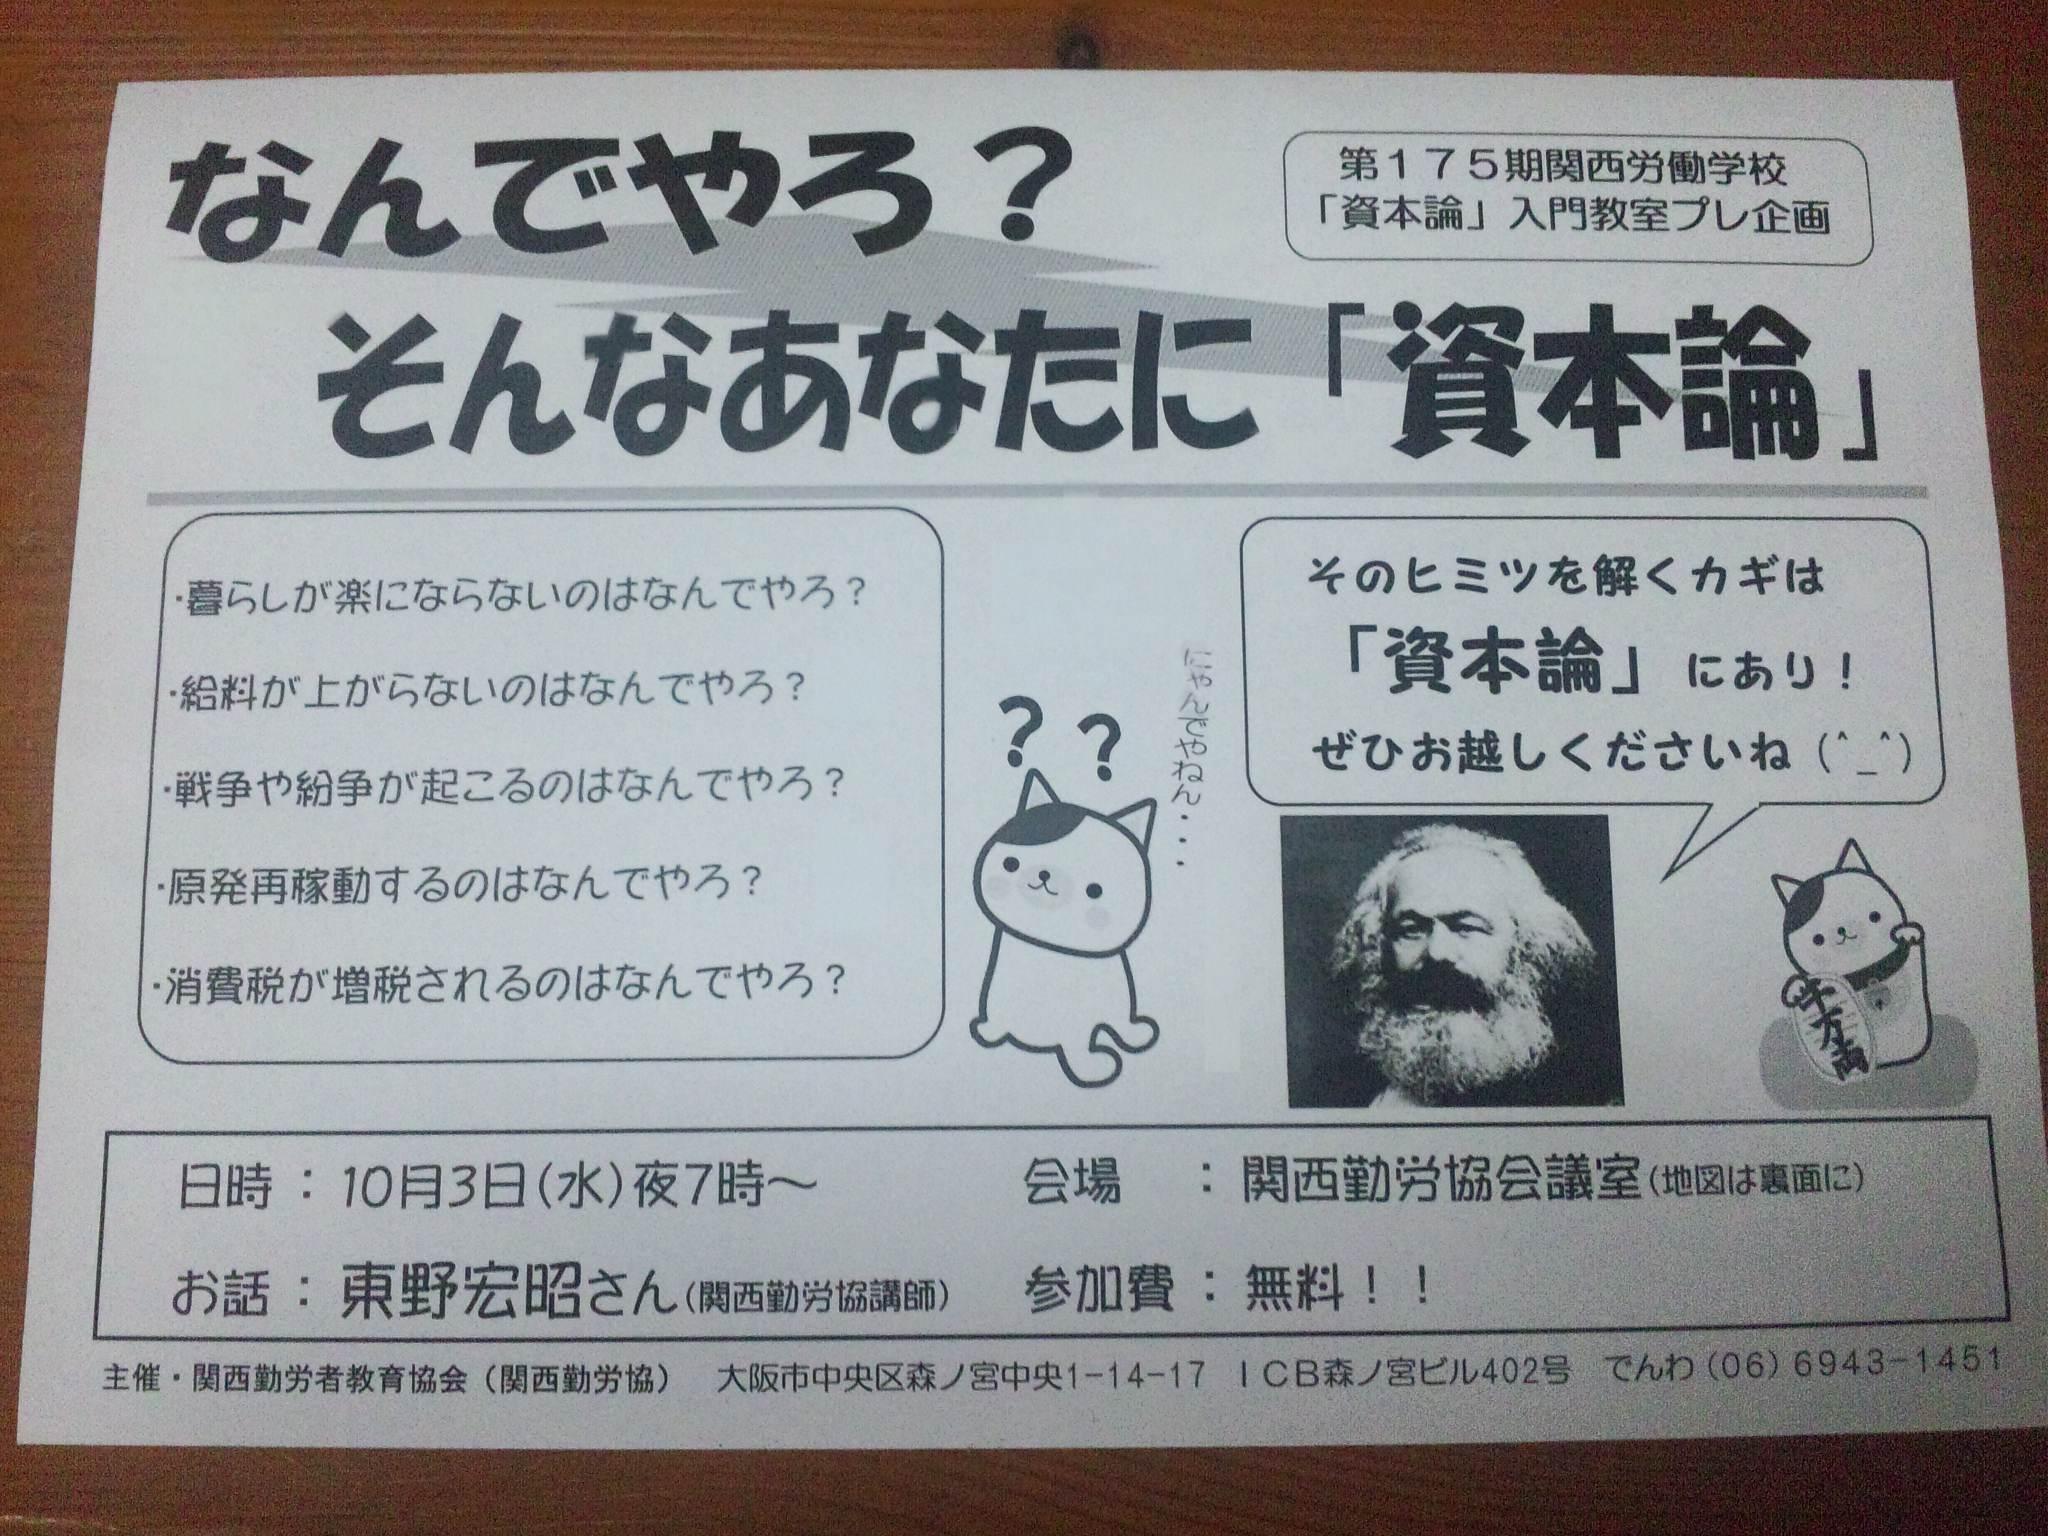 資本論入門教室プレ企画【表面】